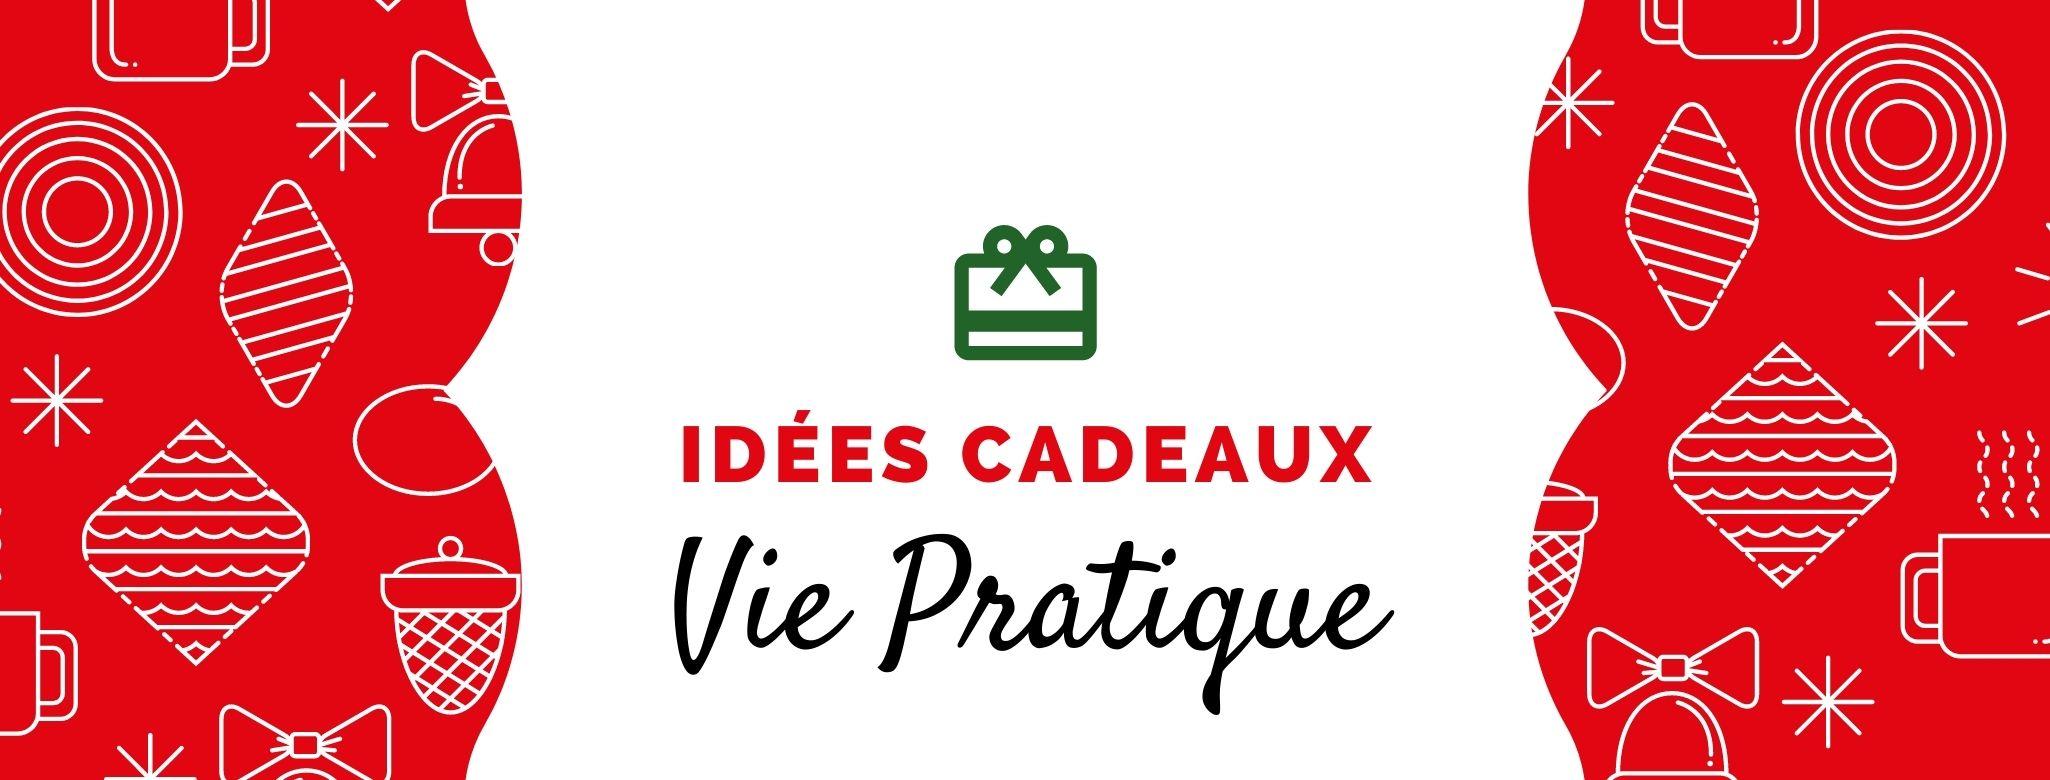 Idées cadeaux Vie pratique